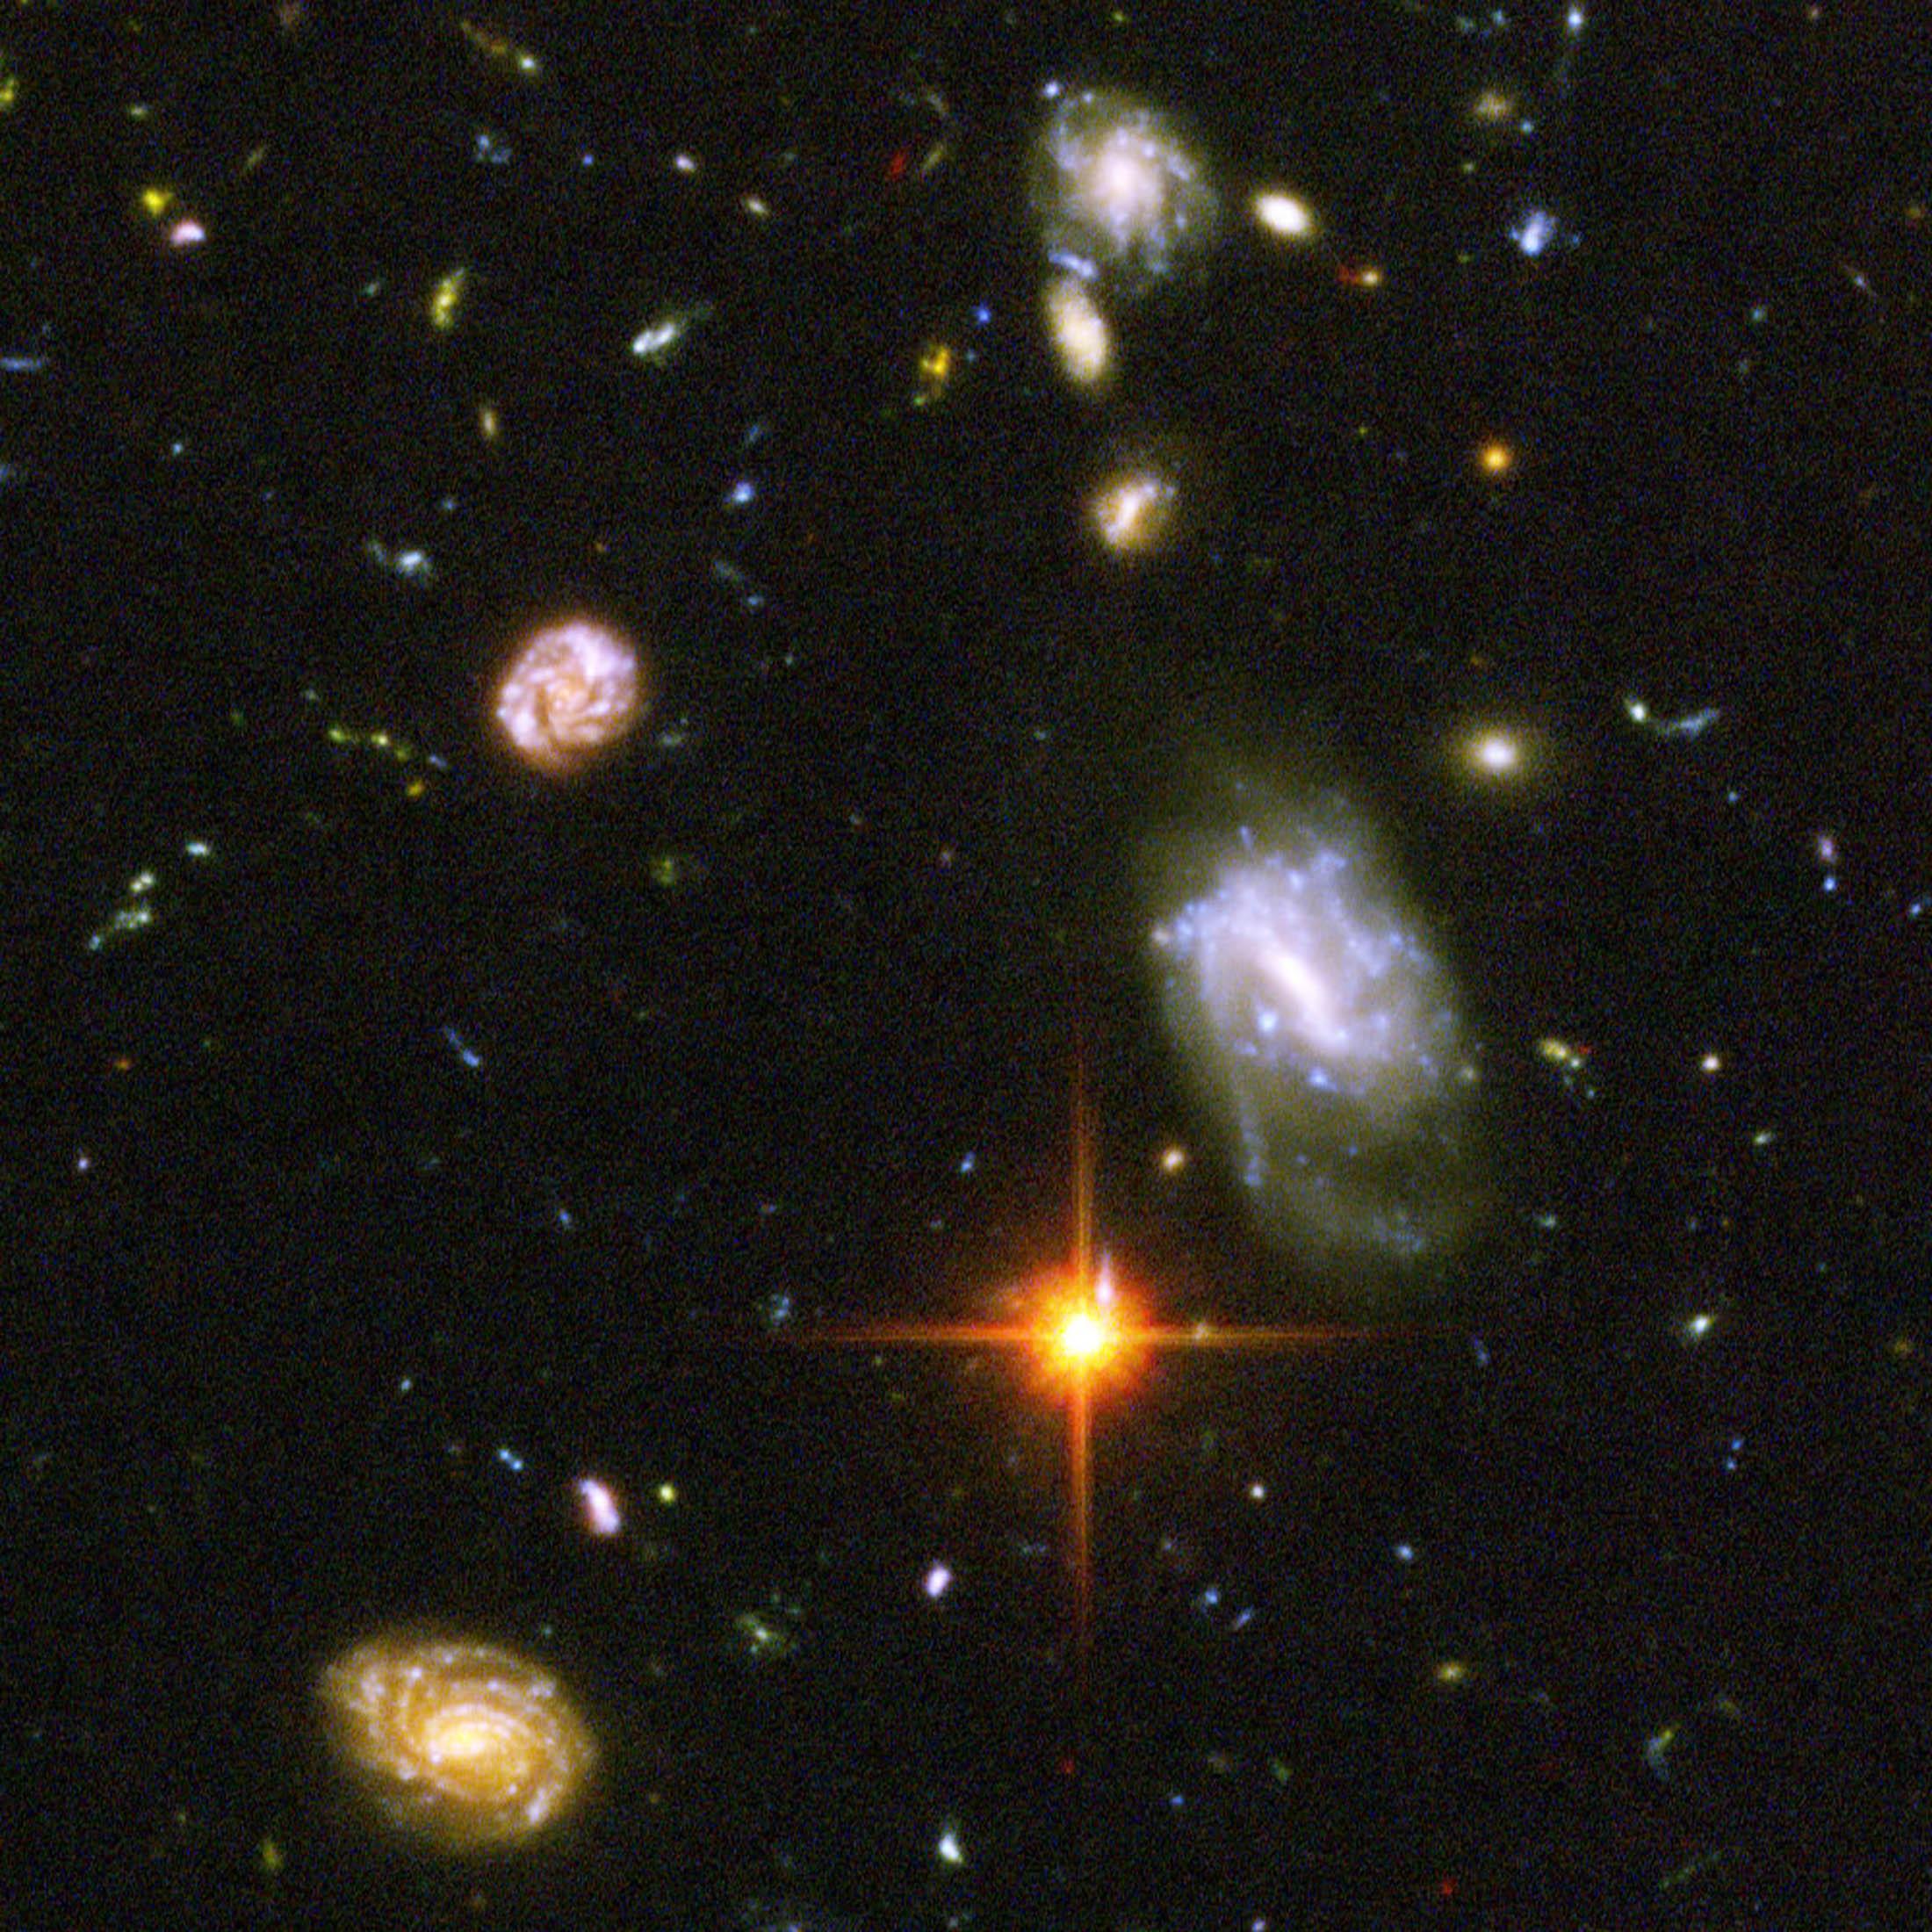 L'univers e las stailas ha adina fascinà ils umans.